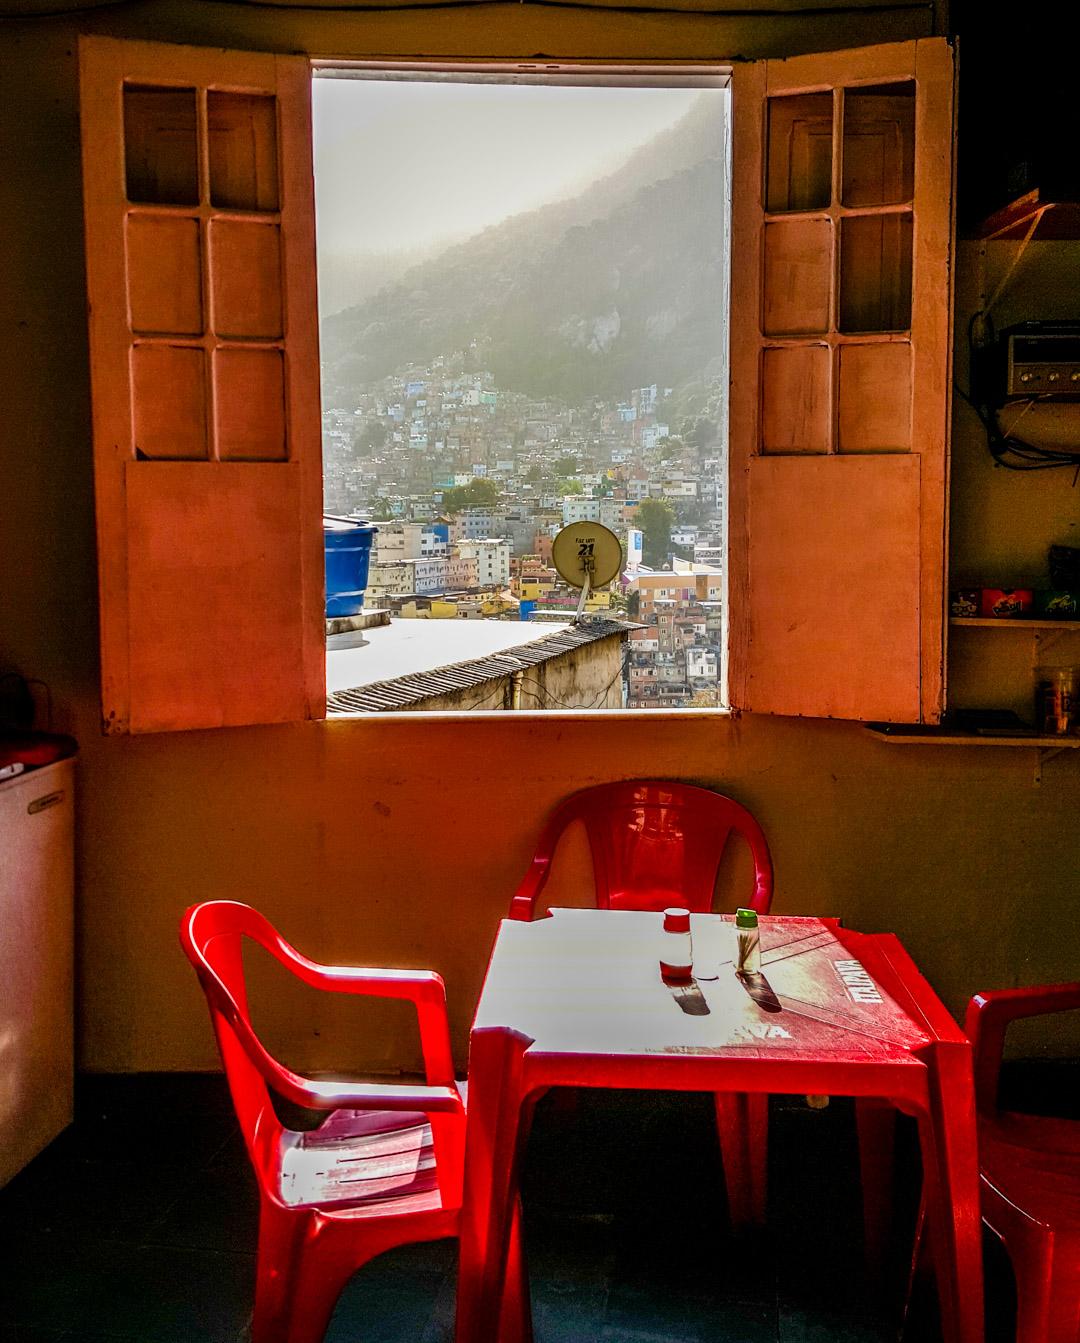 Pub i Rocinha-favelaen i Rio de Janeiro